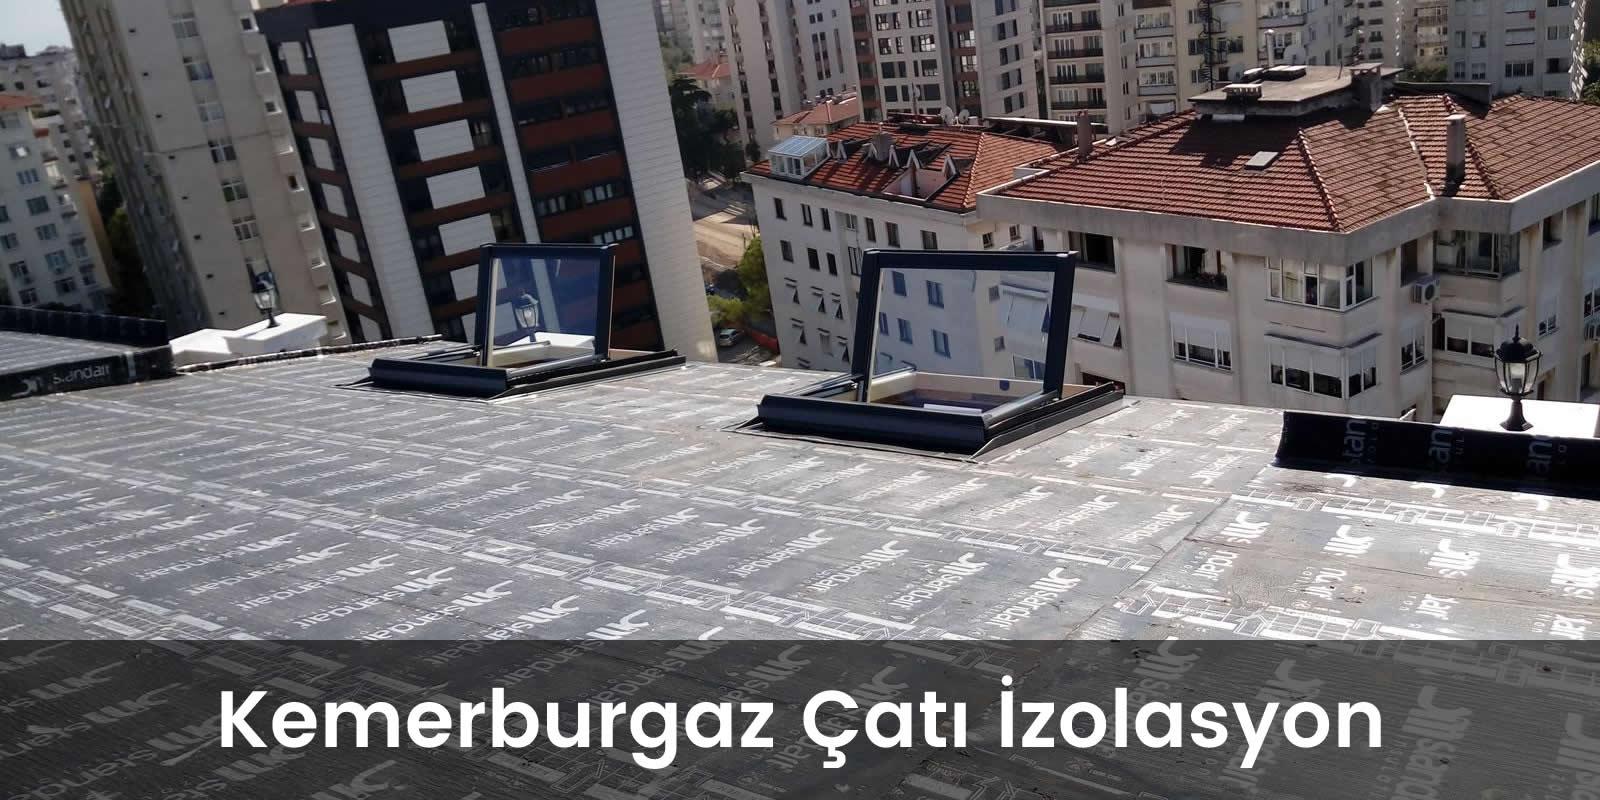 Kemerburgaz çatı izolasyon